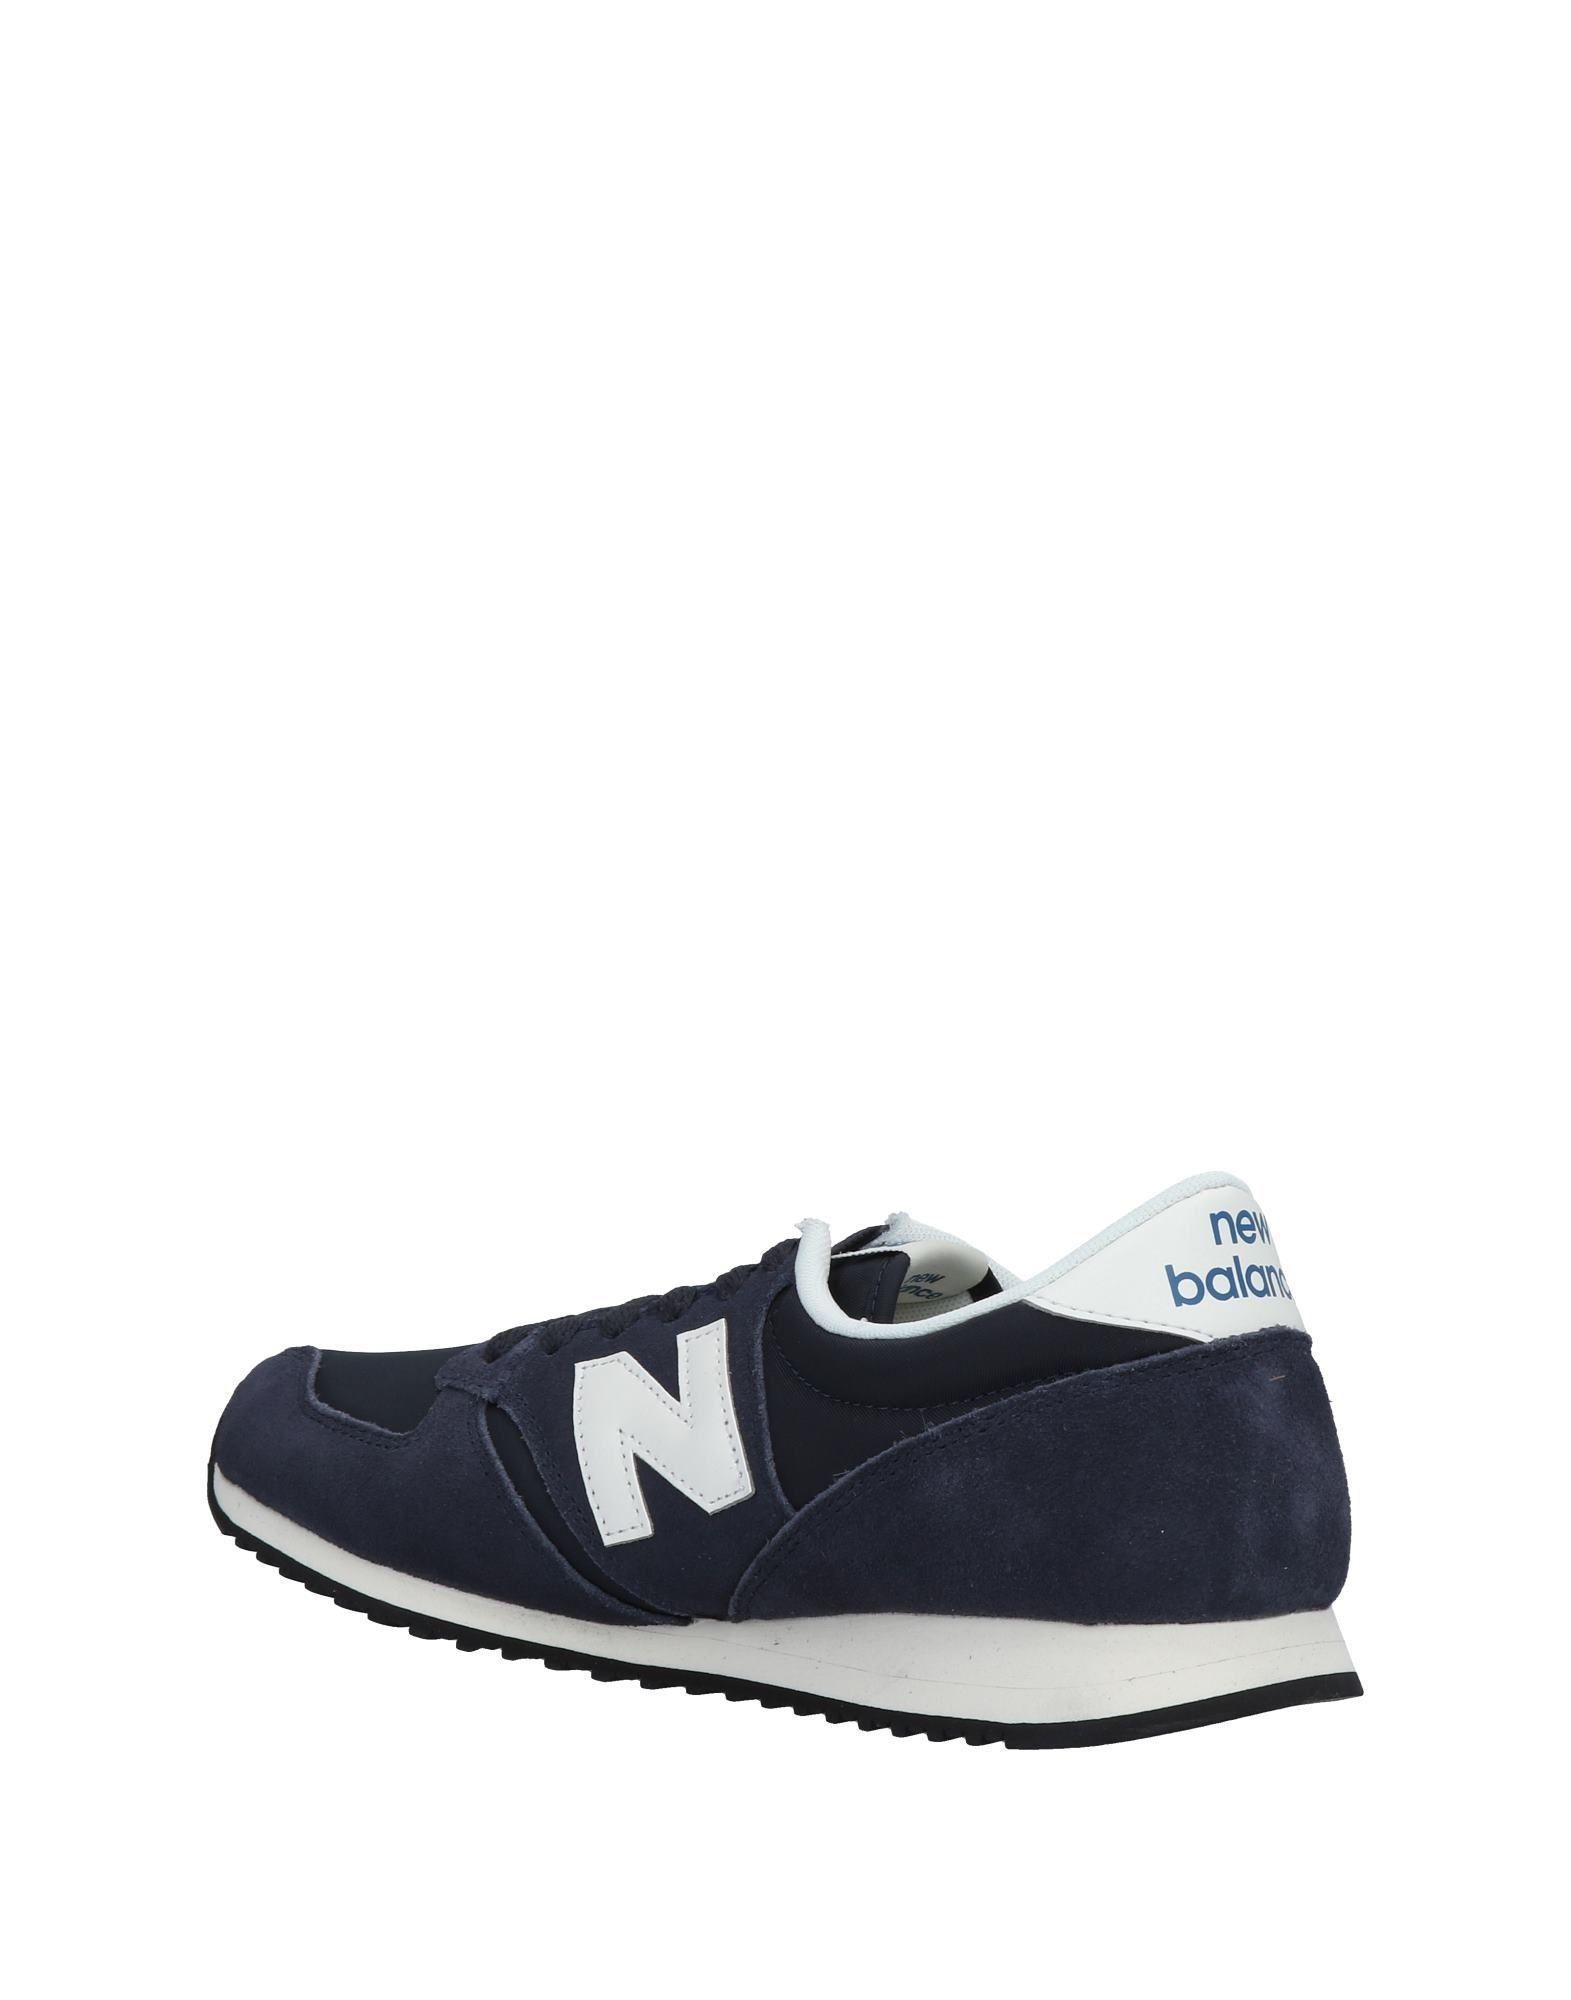 New New New Balance Sneakers Herren Gutes Preis-Leistungs-Verhältnis, es lohnt sich 455827